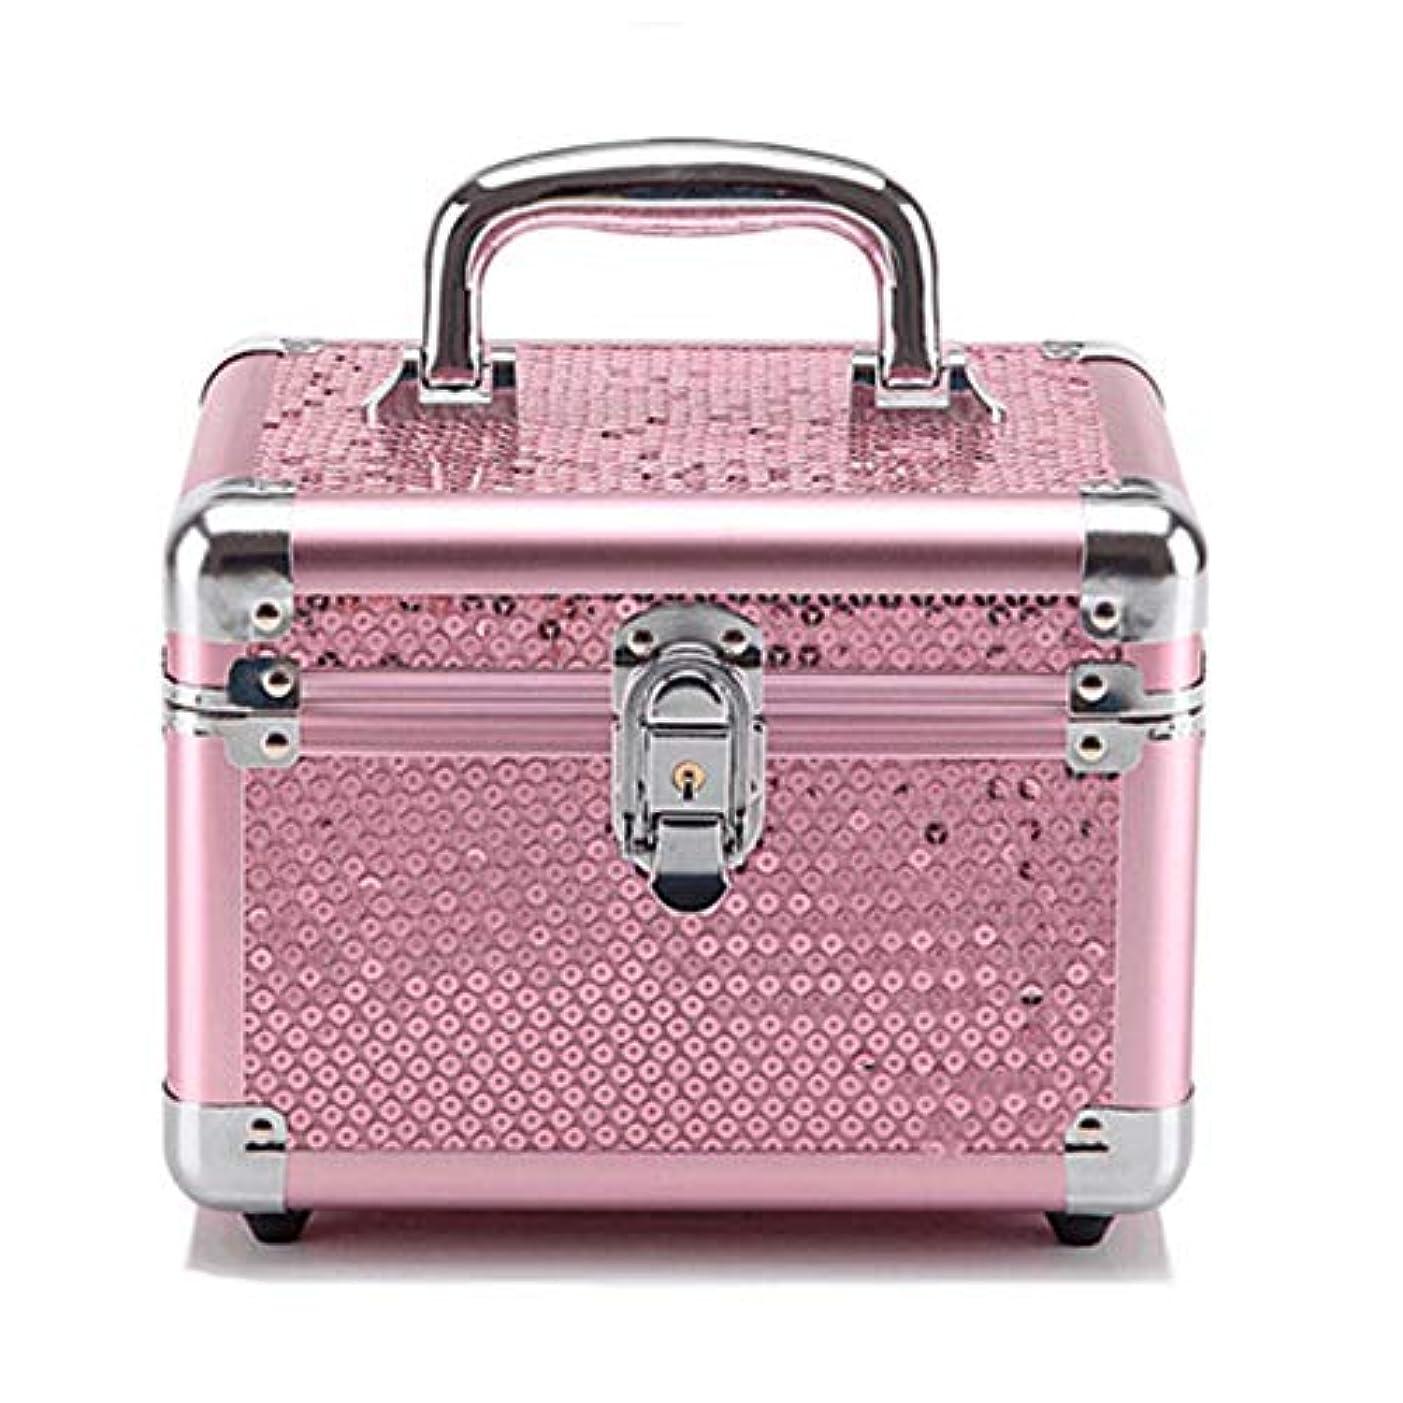 機密干ばつ画像化粧オーガナイザーバッグ ピンクのスパンコールロック可能なメイクアップジュエリーネイルポーランドの美容タトゥーボックス美容アクセサリー収納ケース 化粧品ケース (色 : Pink(S))